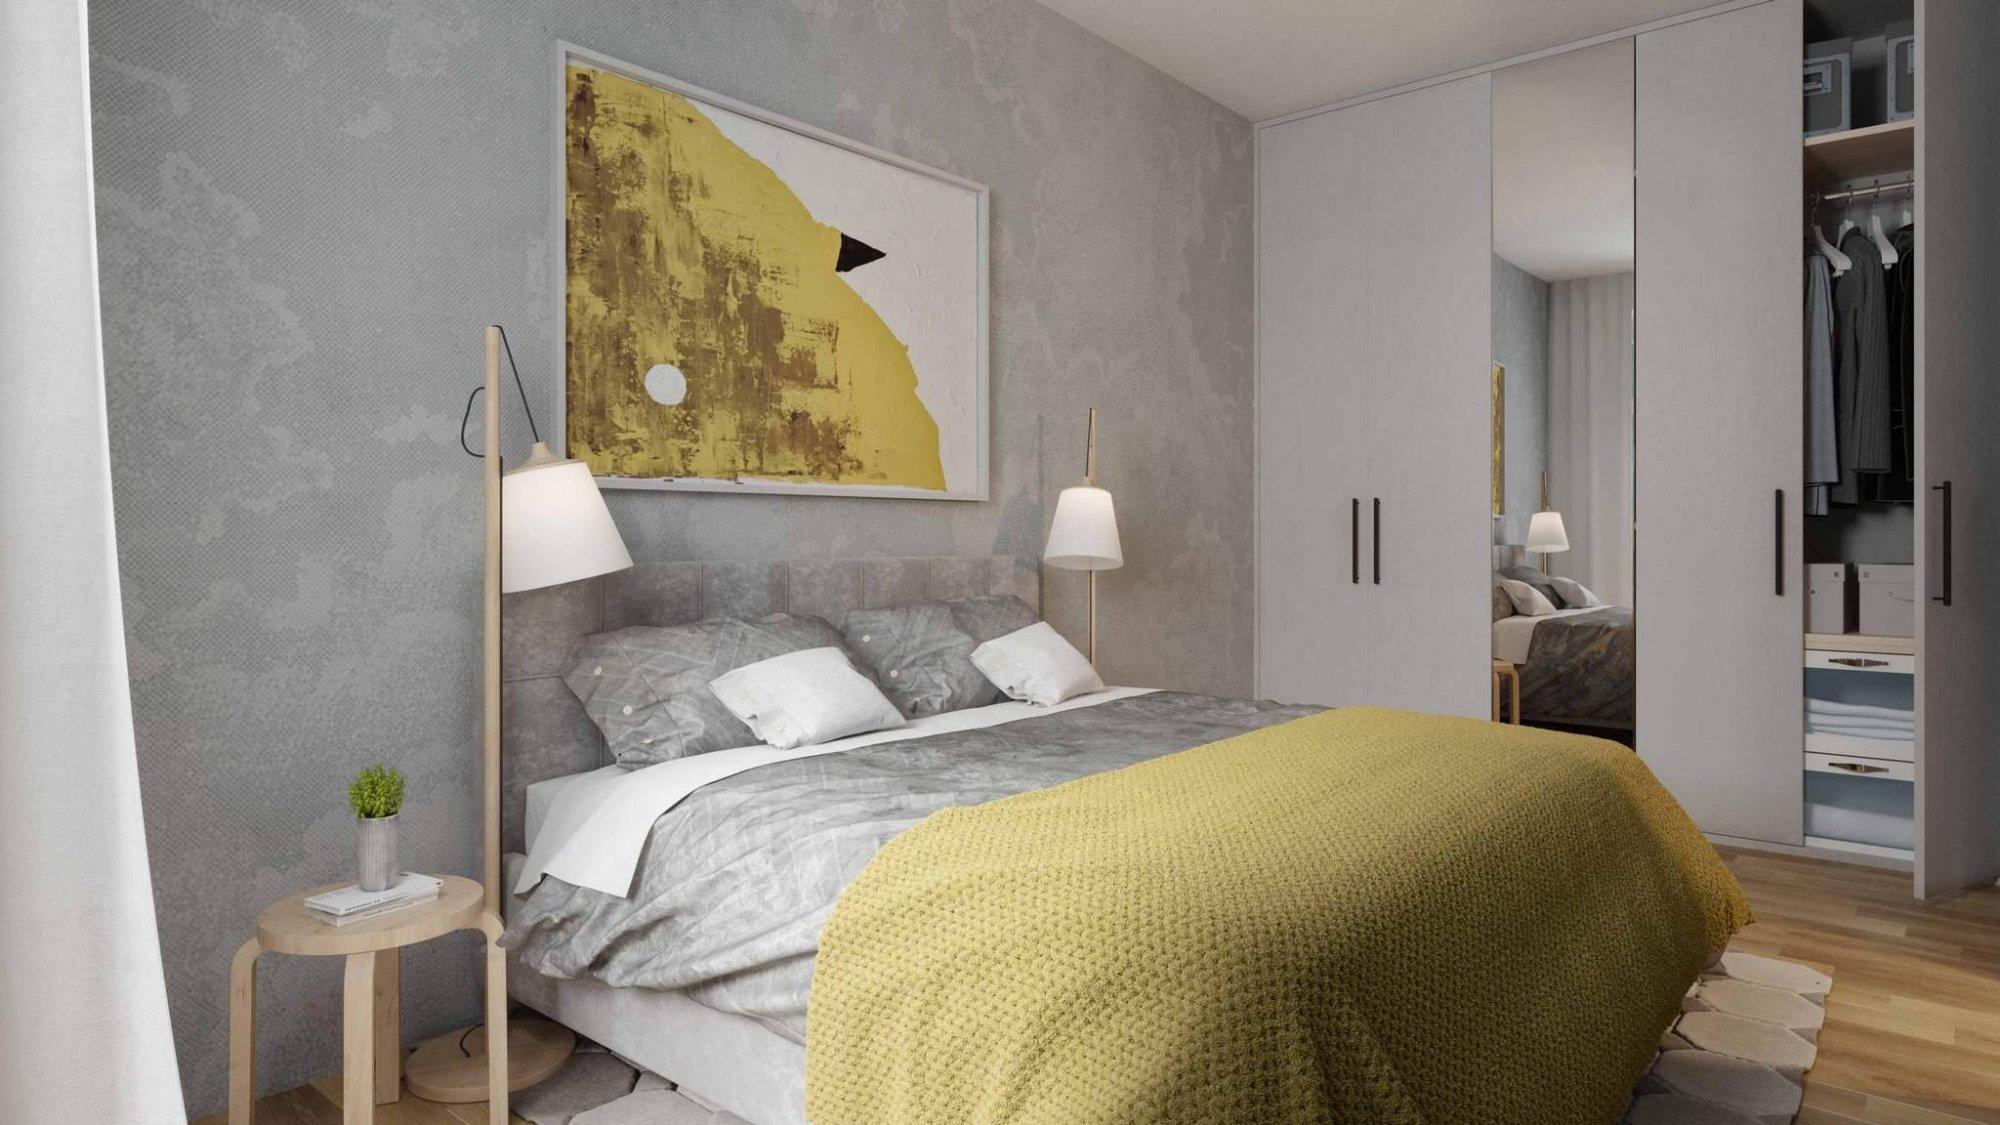 Vizulizace jednoho z bytů - Půdní byt 2+kk, plocha 40 m², ulice Lindnerova, Praha 8 - Libeň | 2